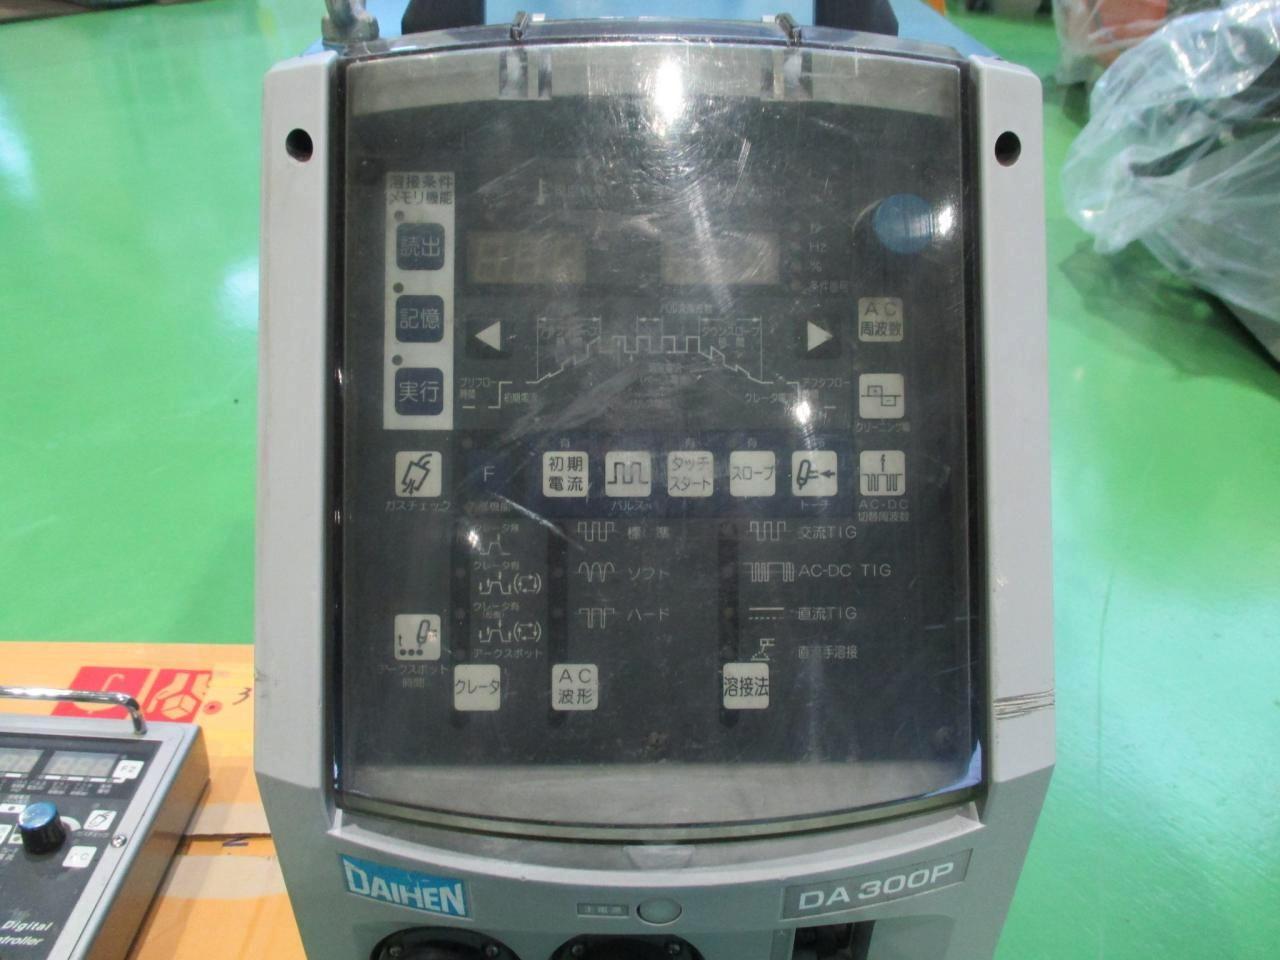 DA-300P(S-1)本体操作盤部分